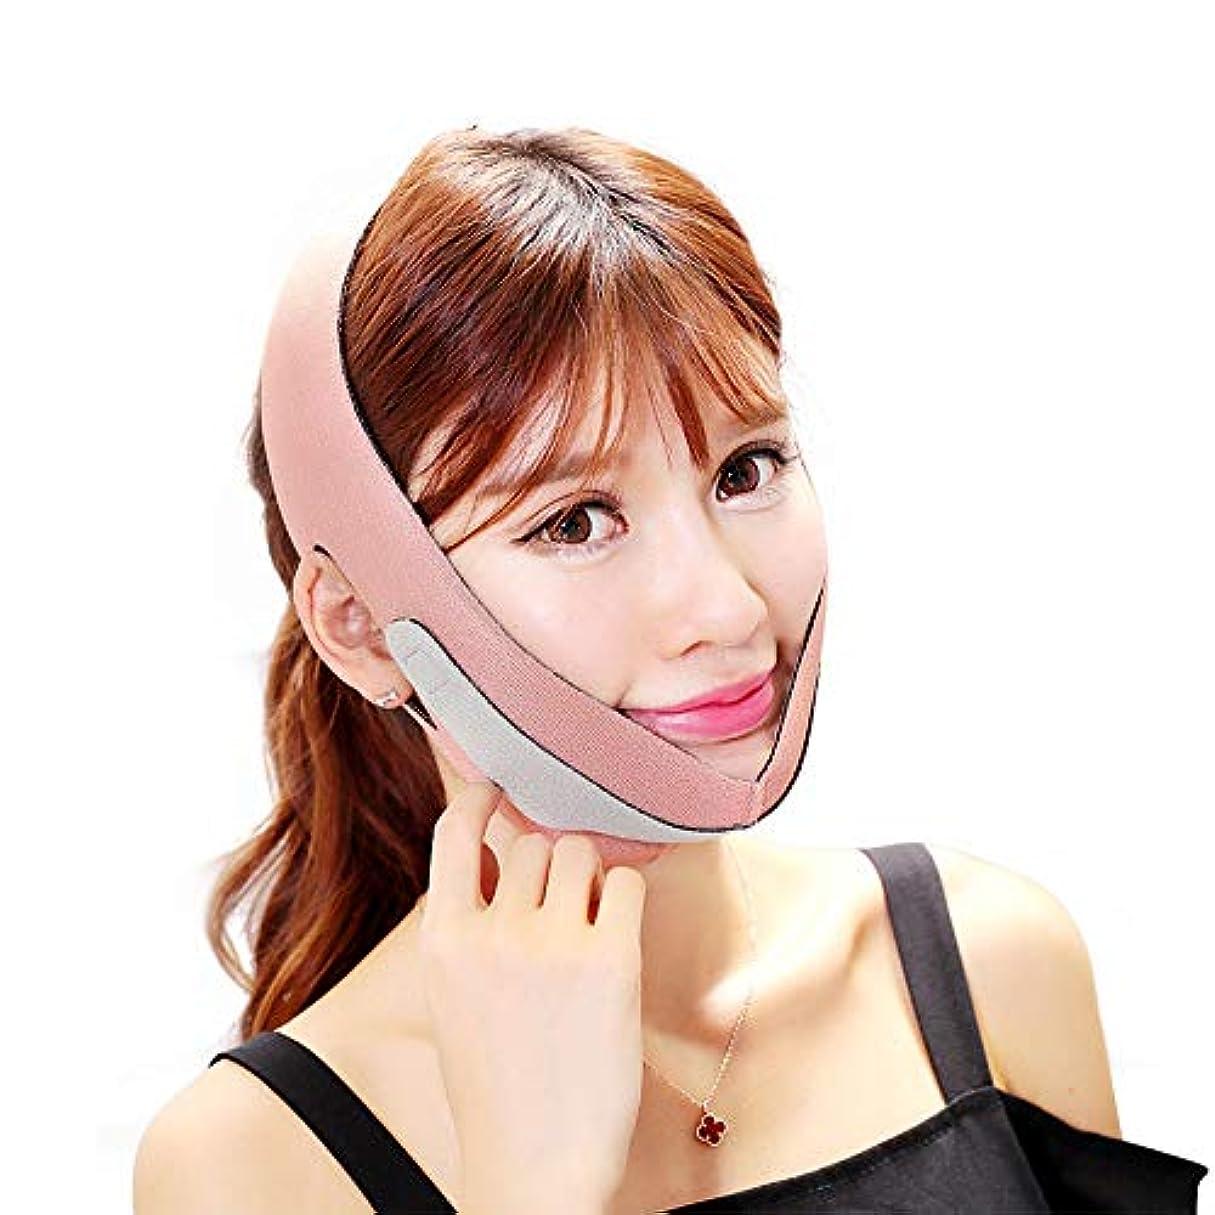 敗北容疑者血【Maveni】小顔 ベルト 美顔 顔痩せ 最新型 リフトアップベルト フェイスマスク メンズ レディース